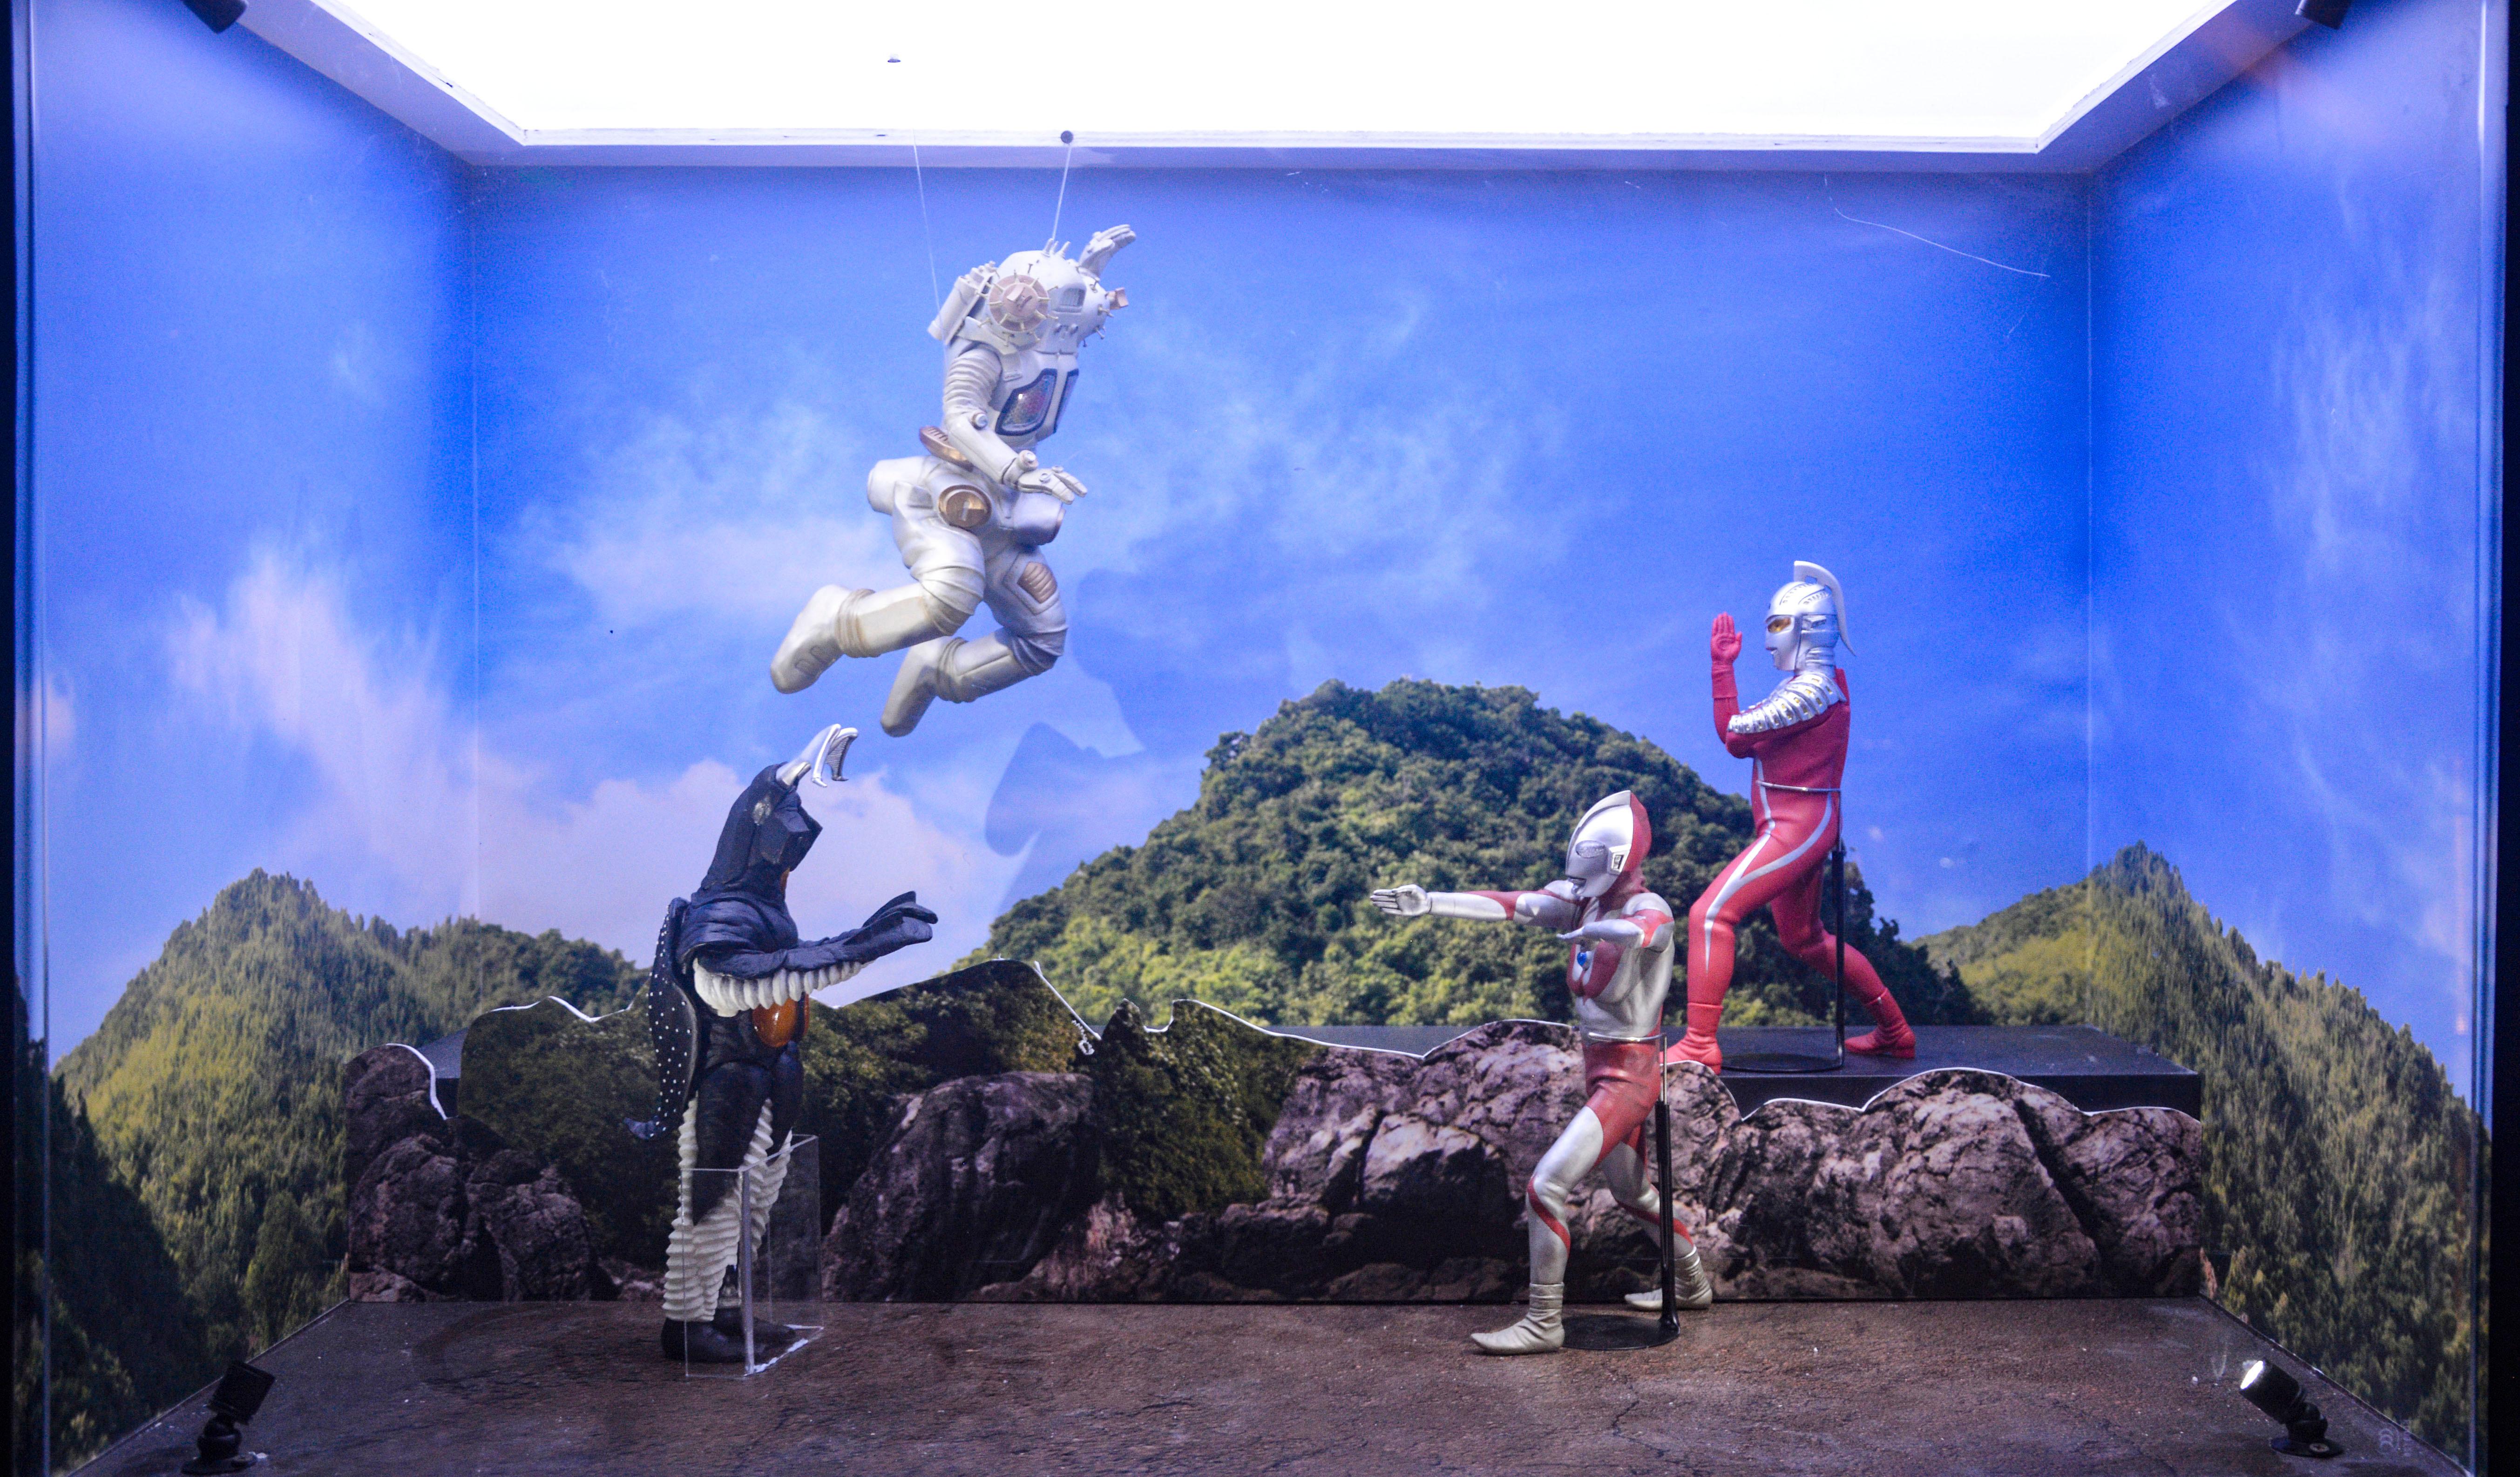 合肥奥特曼系列55周年纪念展 11